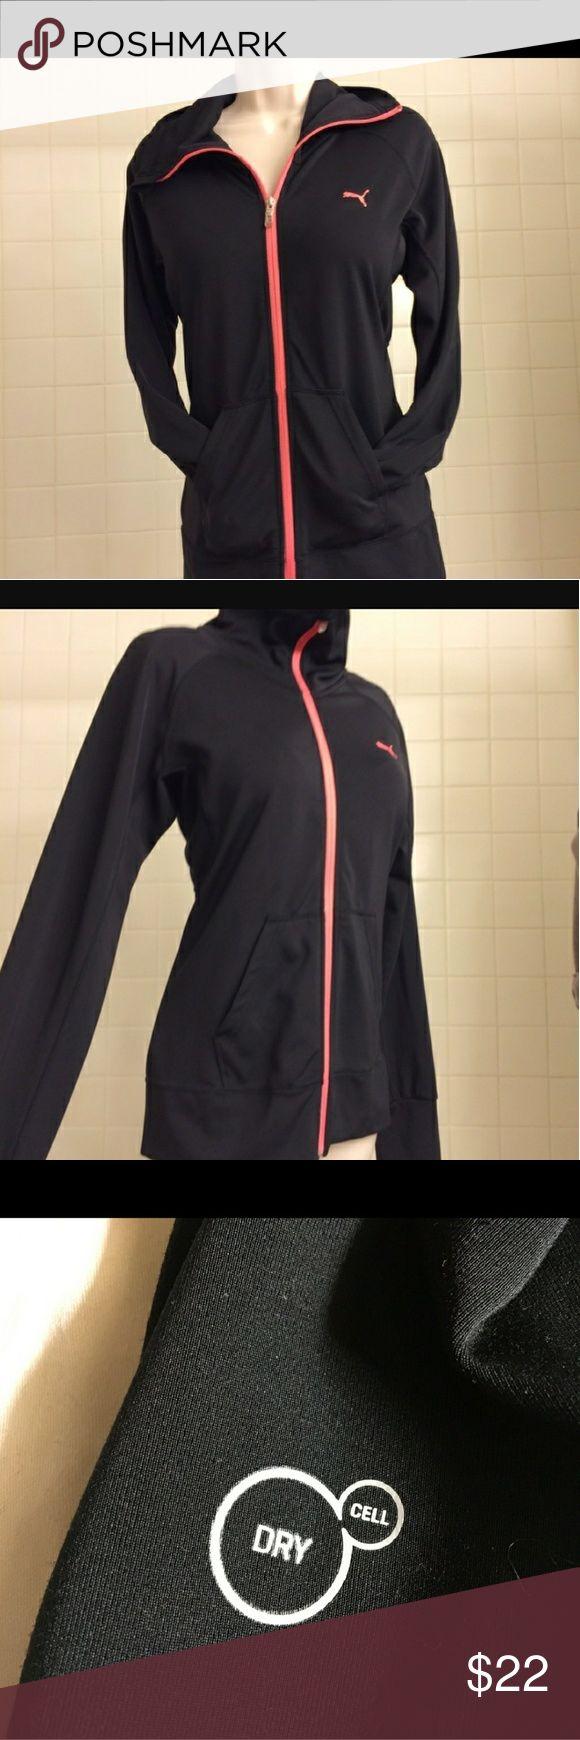 NWOT BLACK PUMA EXERCISE COAT HIGH COLLAR, POCKETS, SUPER SOFT Puma Jackets & Coats